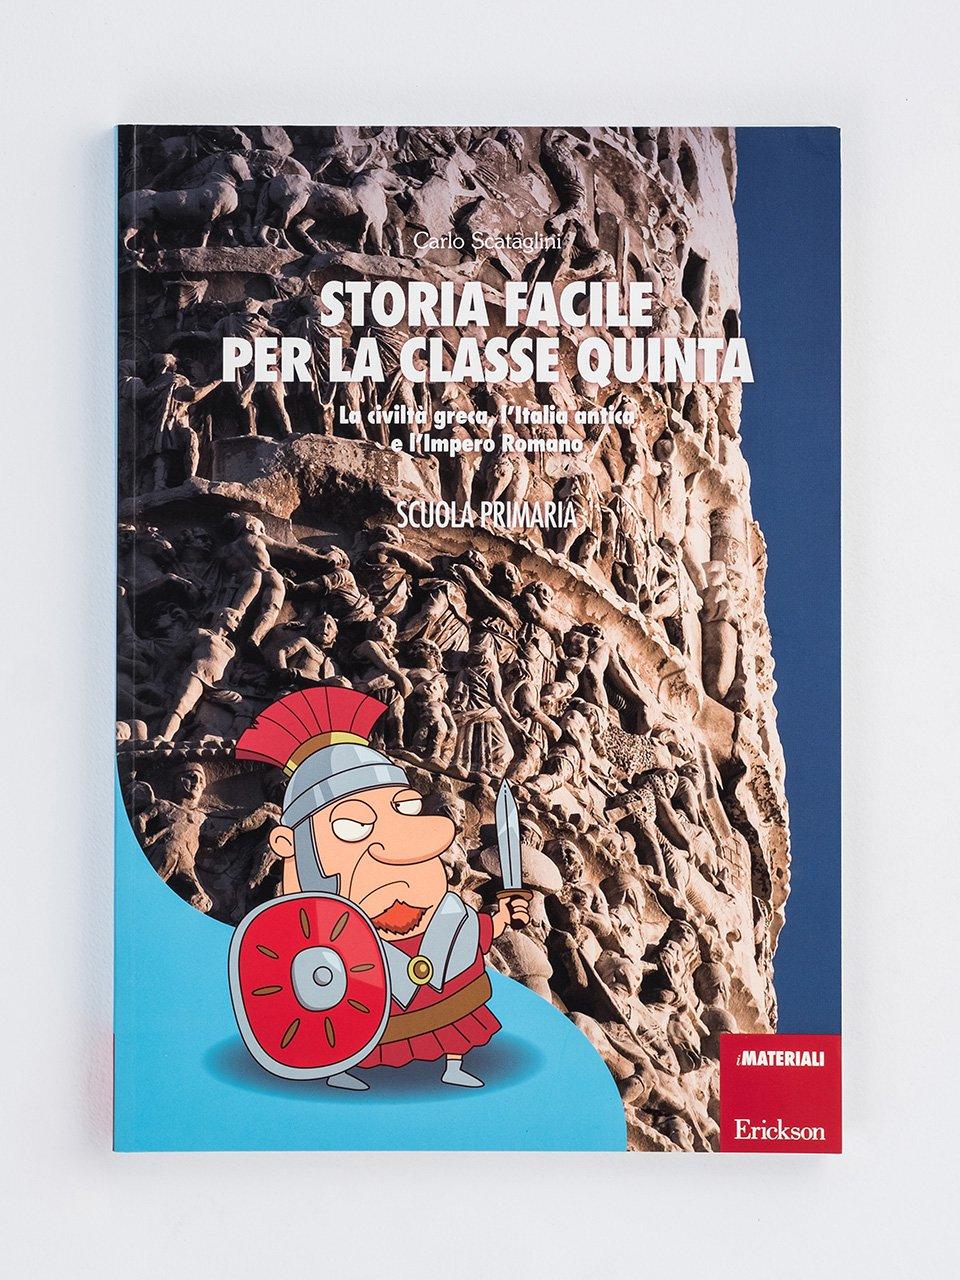 Storia facile per la classe quinta - Libri - App e software - Erickson